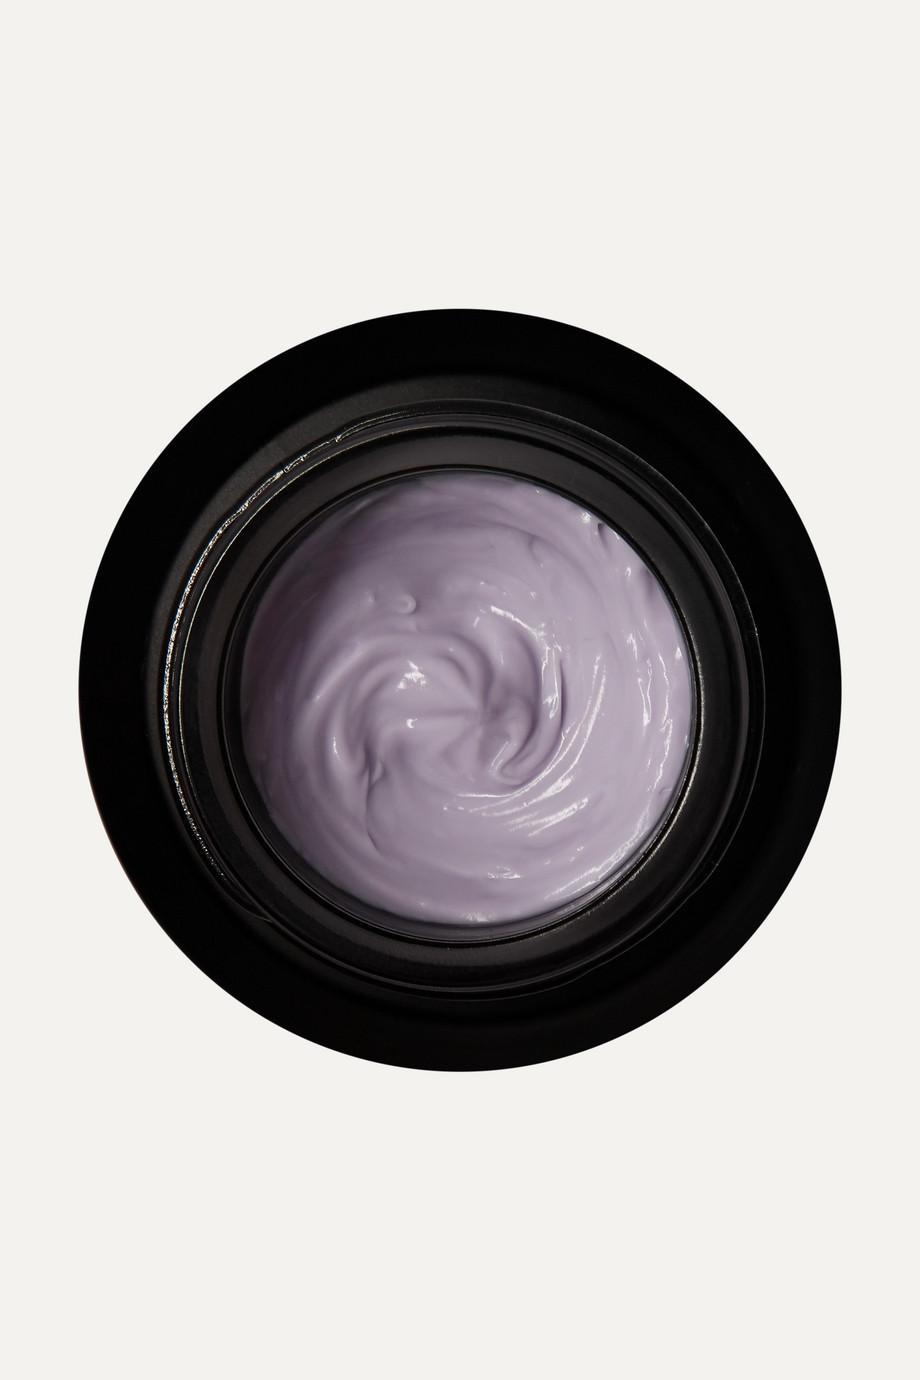 Nannette de Gaspé Art of Noir - Baume Noir Face, 50ml